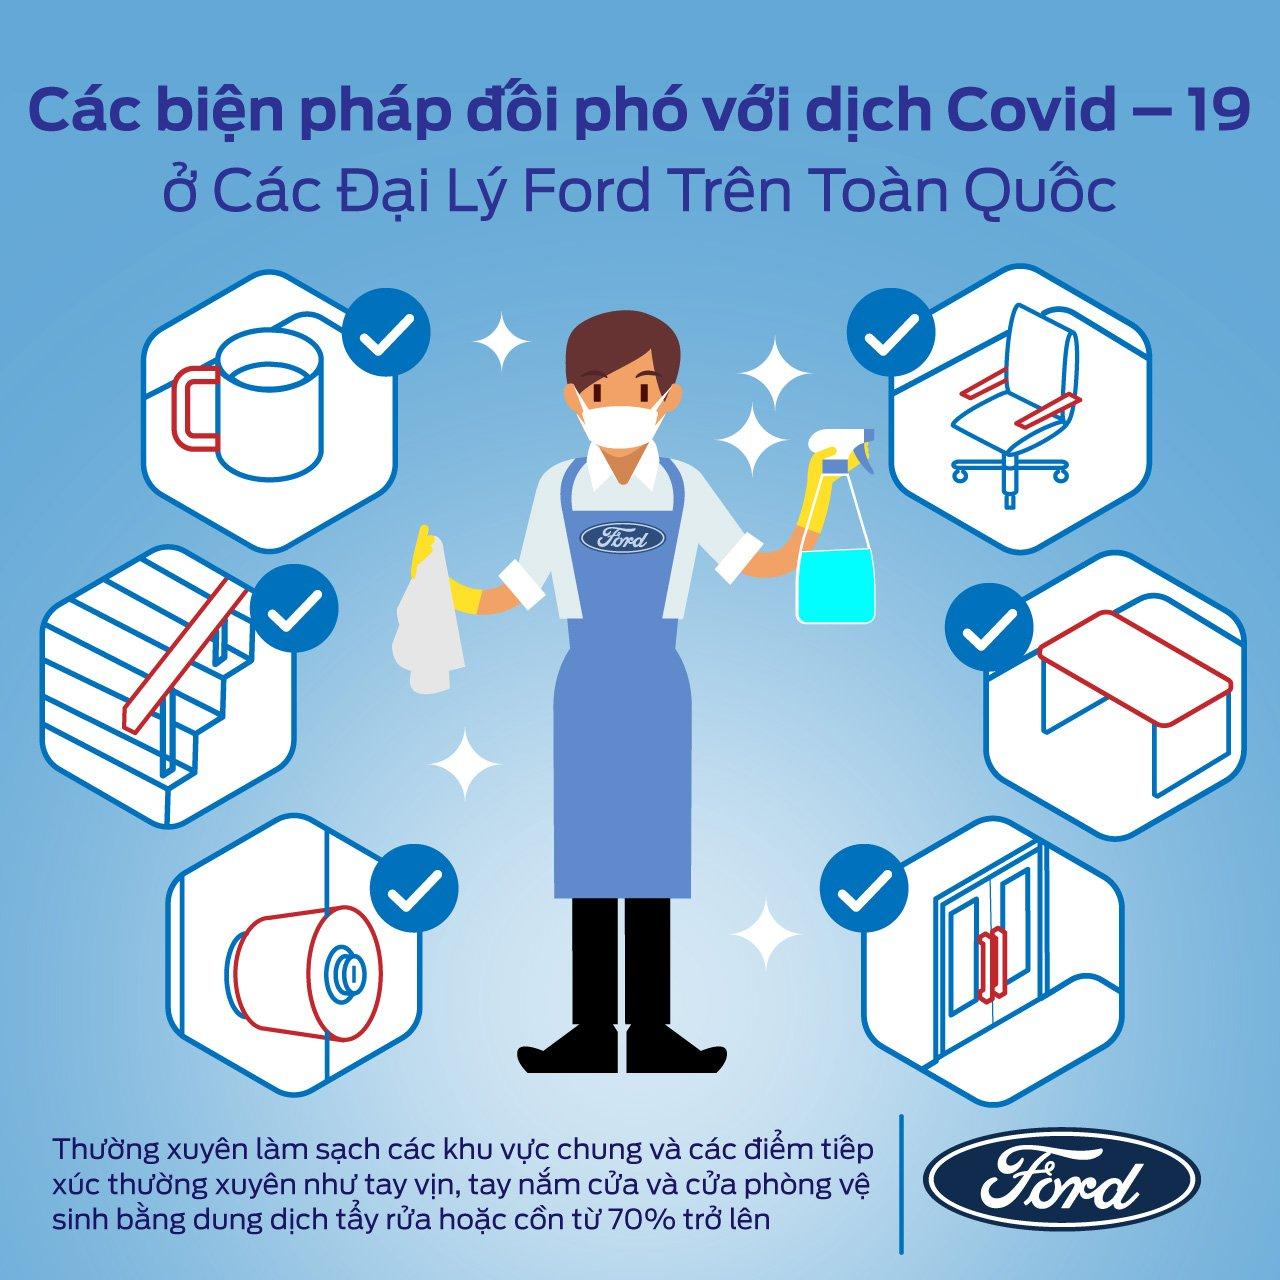 Các biện pháp phòng chống dịch COVID-19 của Ford.